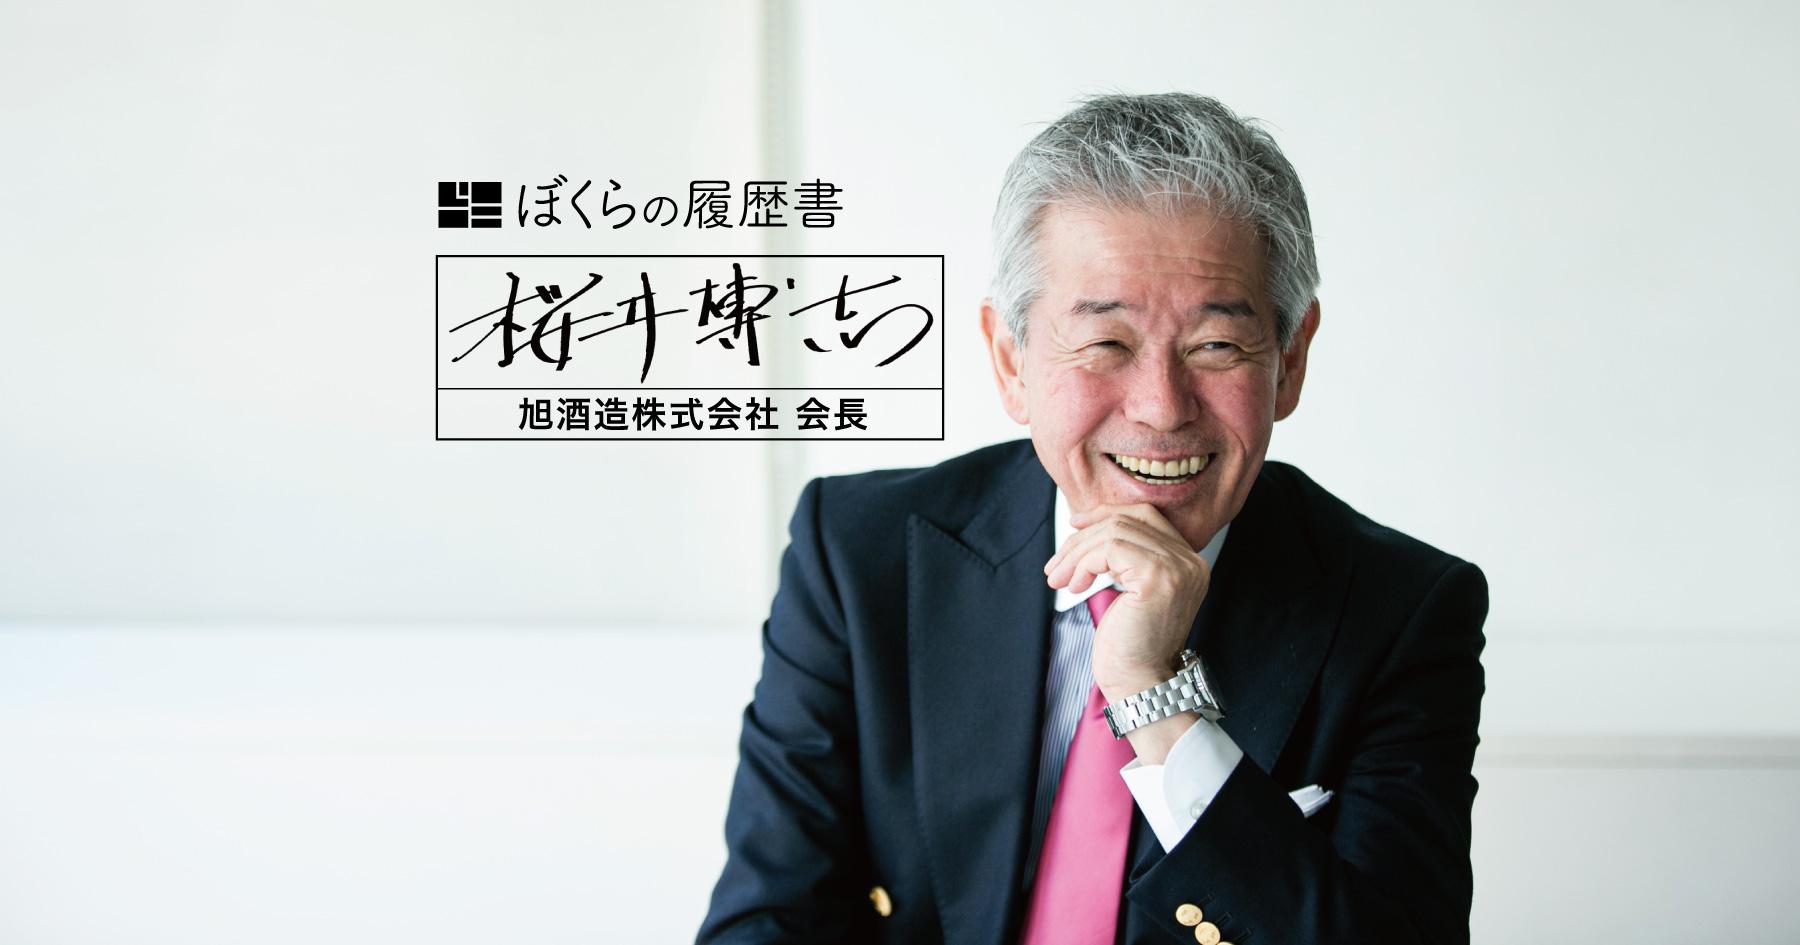 桜井博志さんメインカット